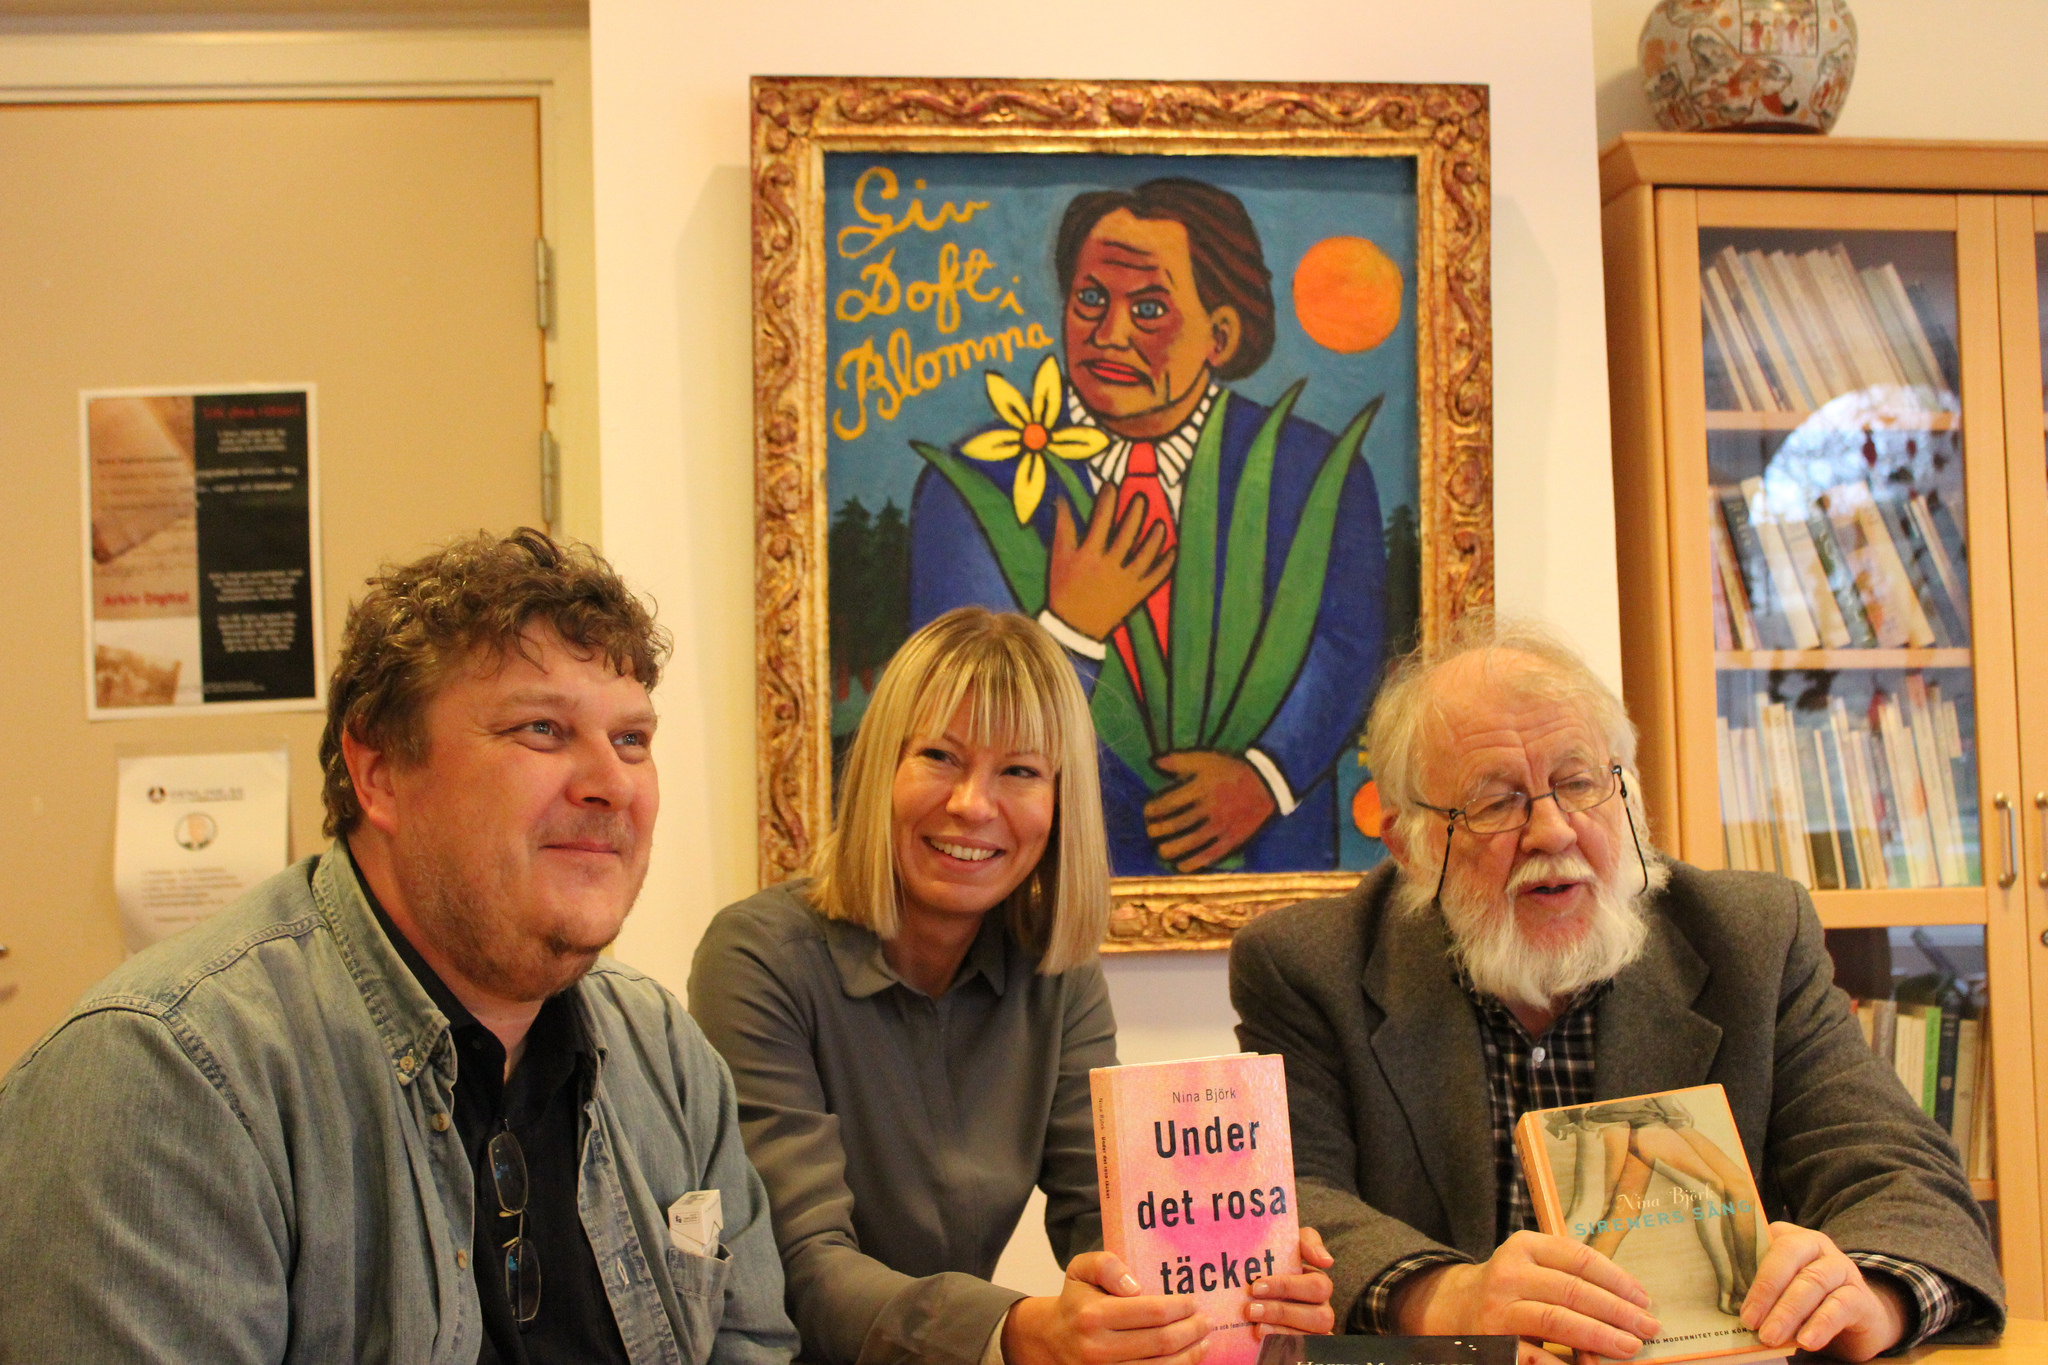 Tre fjärdedelar av juryn som utsåg Nina Björk till årets Harry Martinson-pristagare. Patrik Sjöstedt, Sara Rudolfsson och Johnny Karlsson i Harry Martinson-rummet på Olofströms bibliotek.